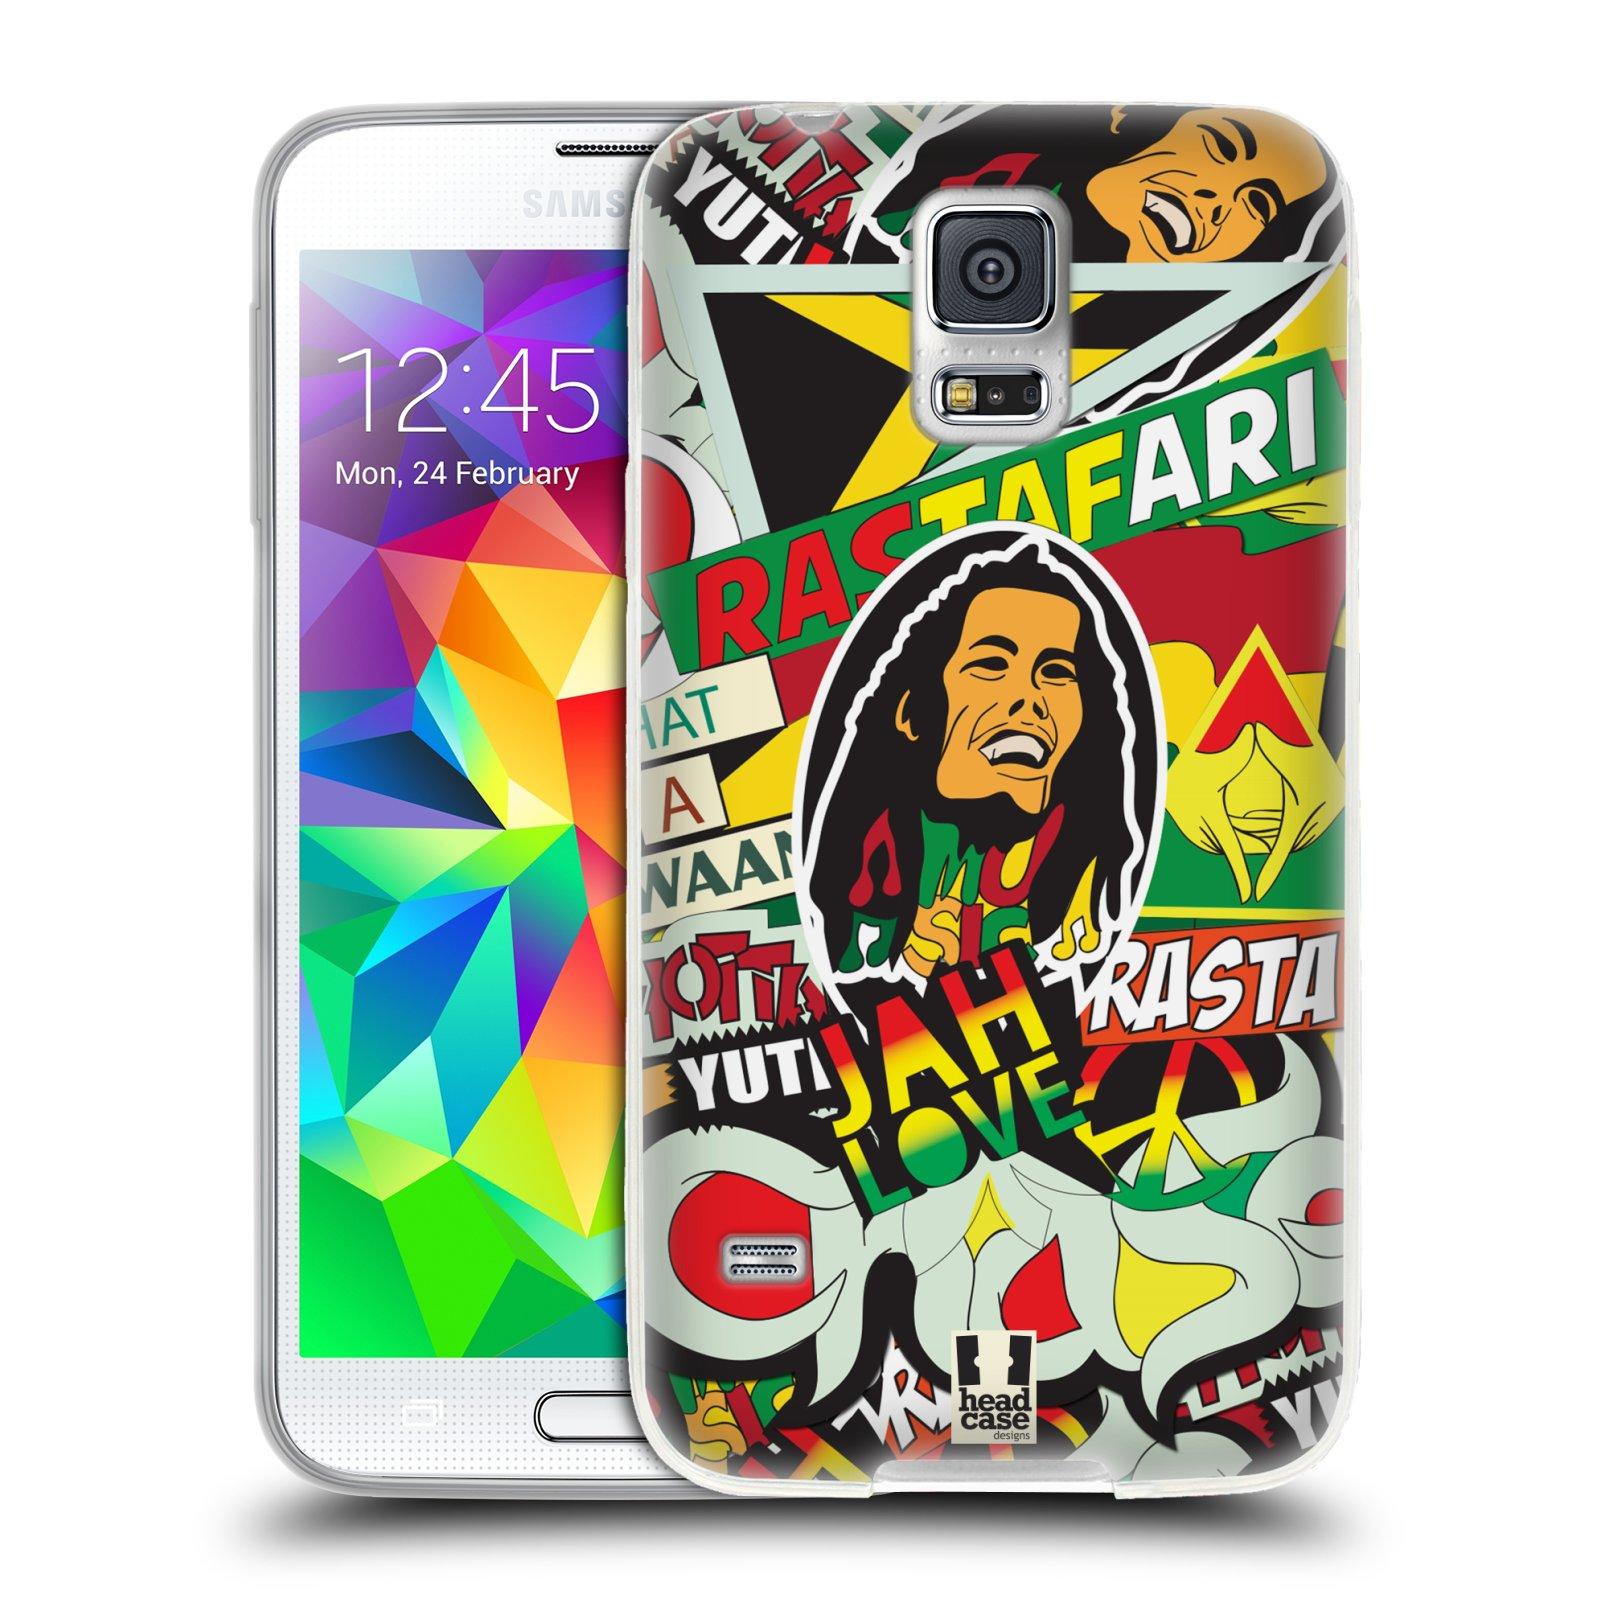 Silikonové pouzdro na mobil Samsung Galaxy S5 HEAD CASE RASTA (Silikonový kryt či obal na mobilní telefon Samsung Galaxy S5 SM-G900F)